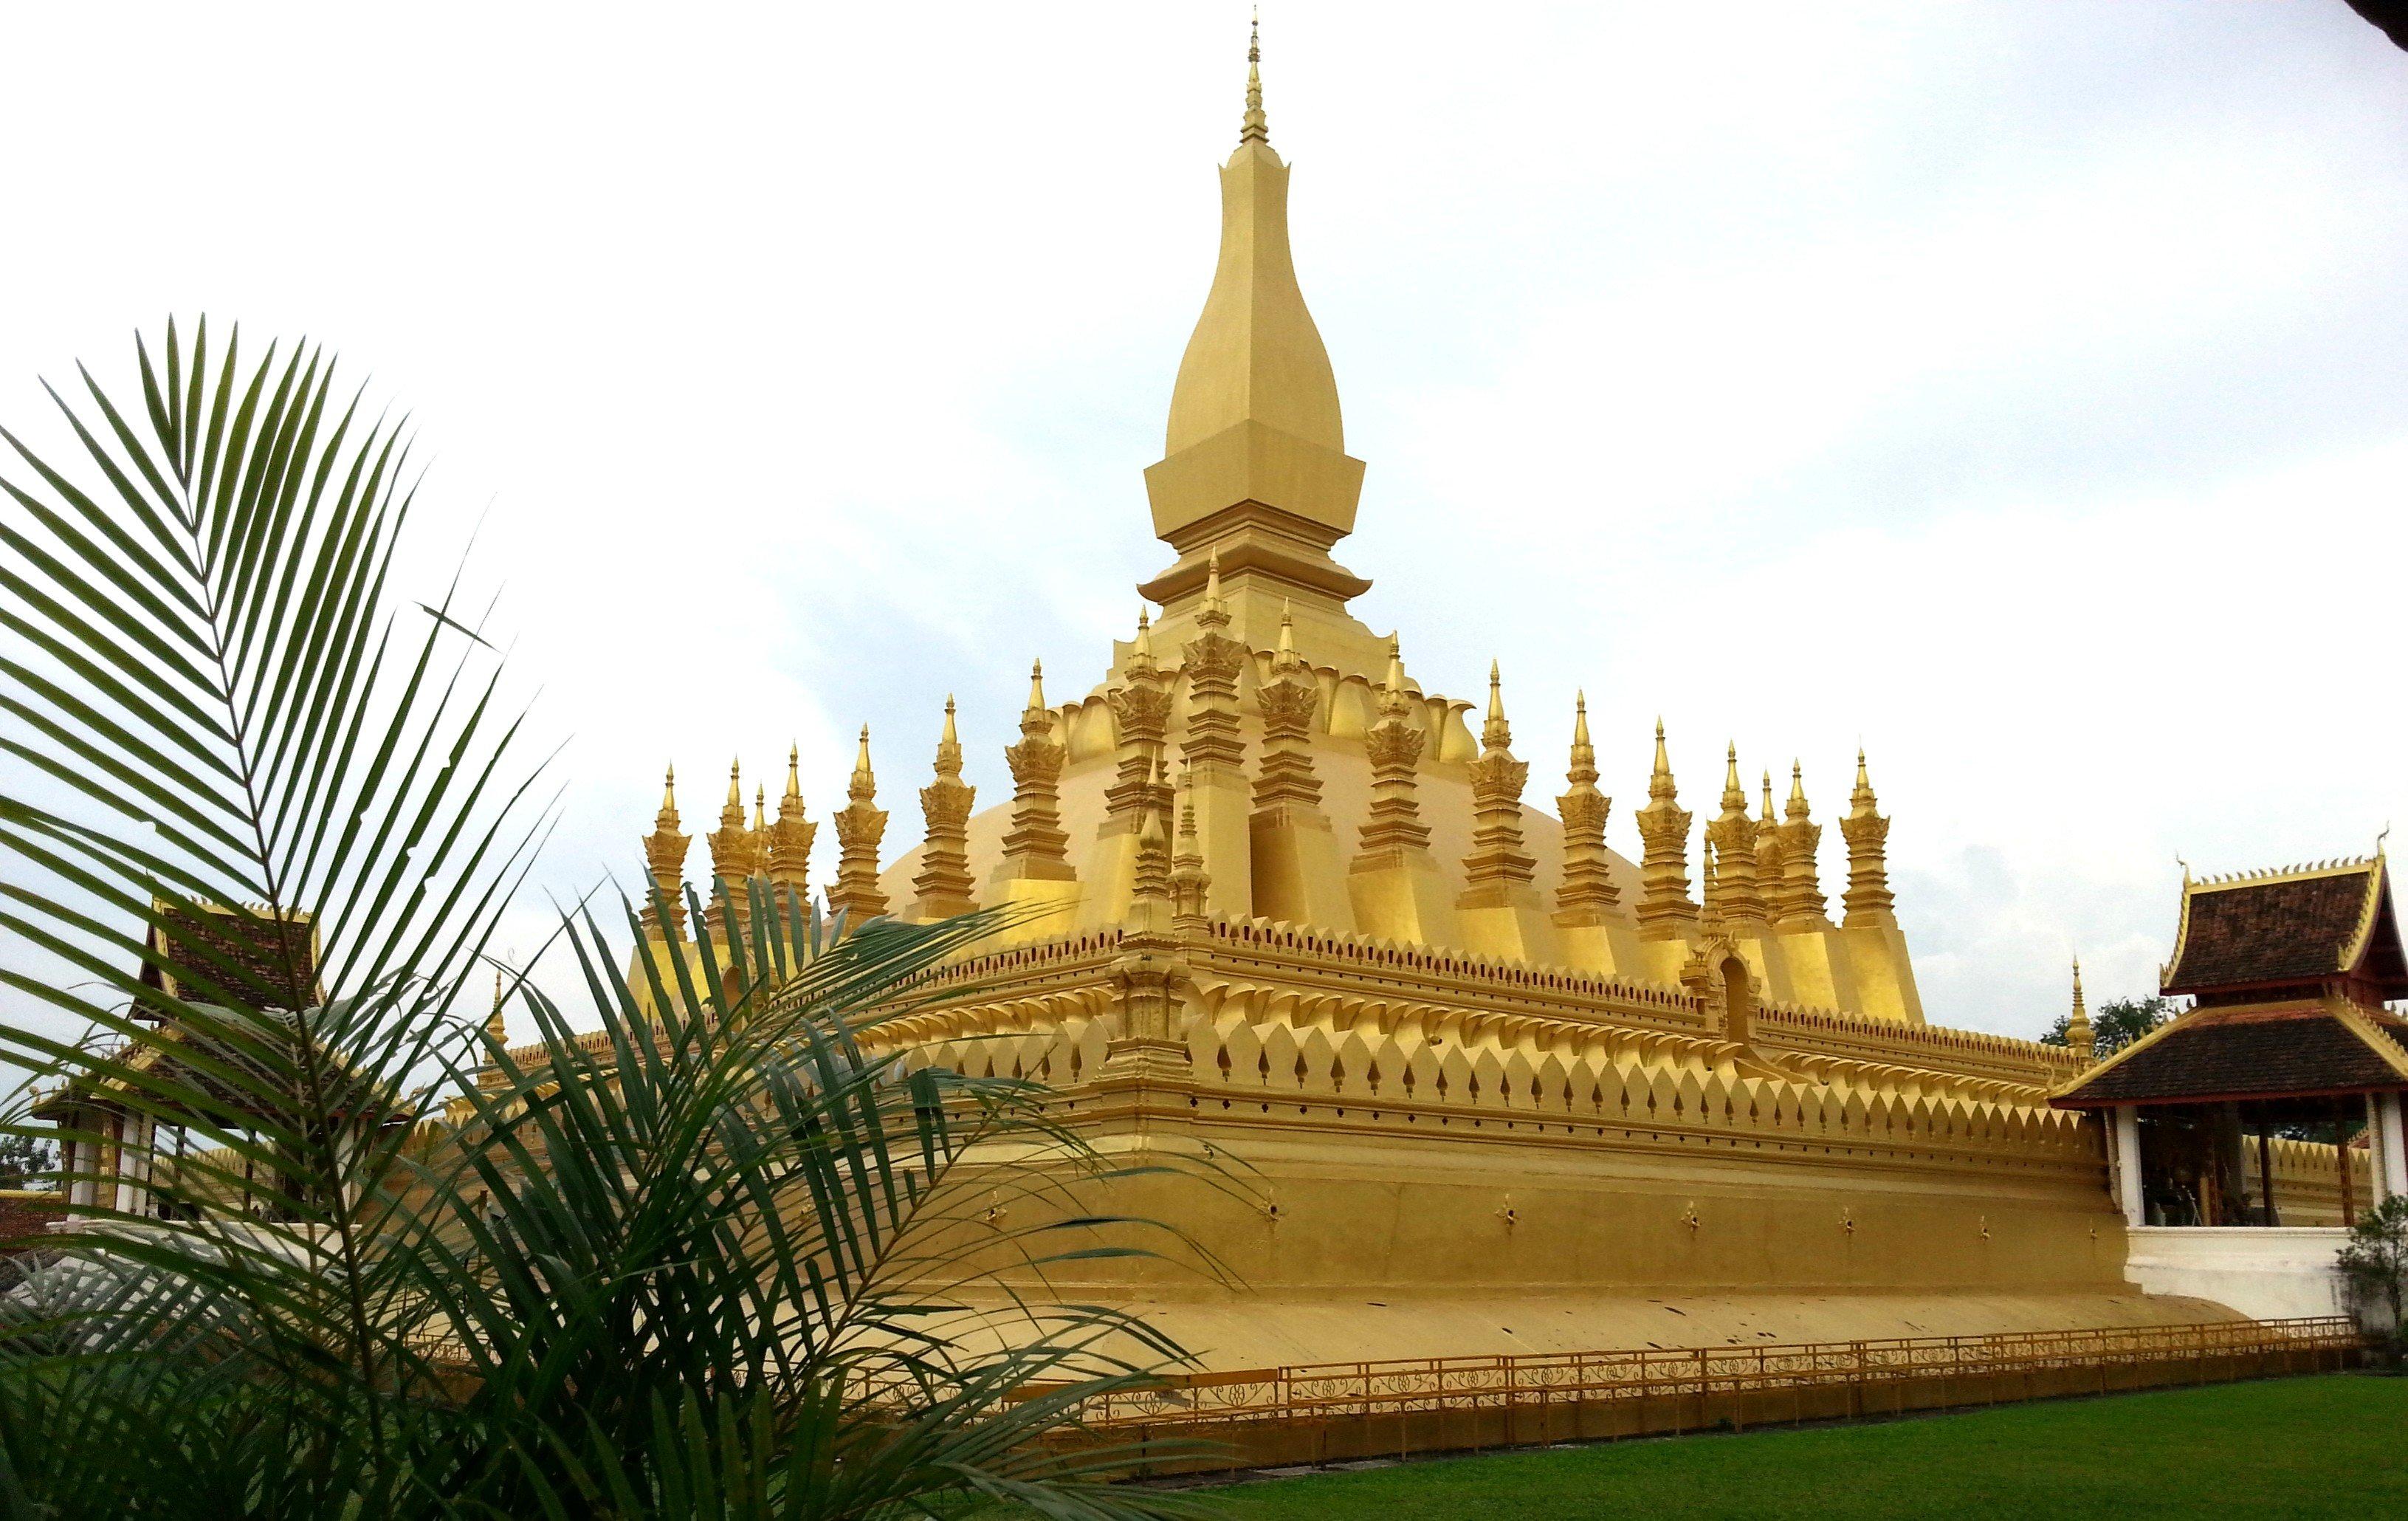 Wat Pha That Luang in Vientiane